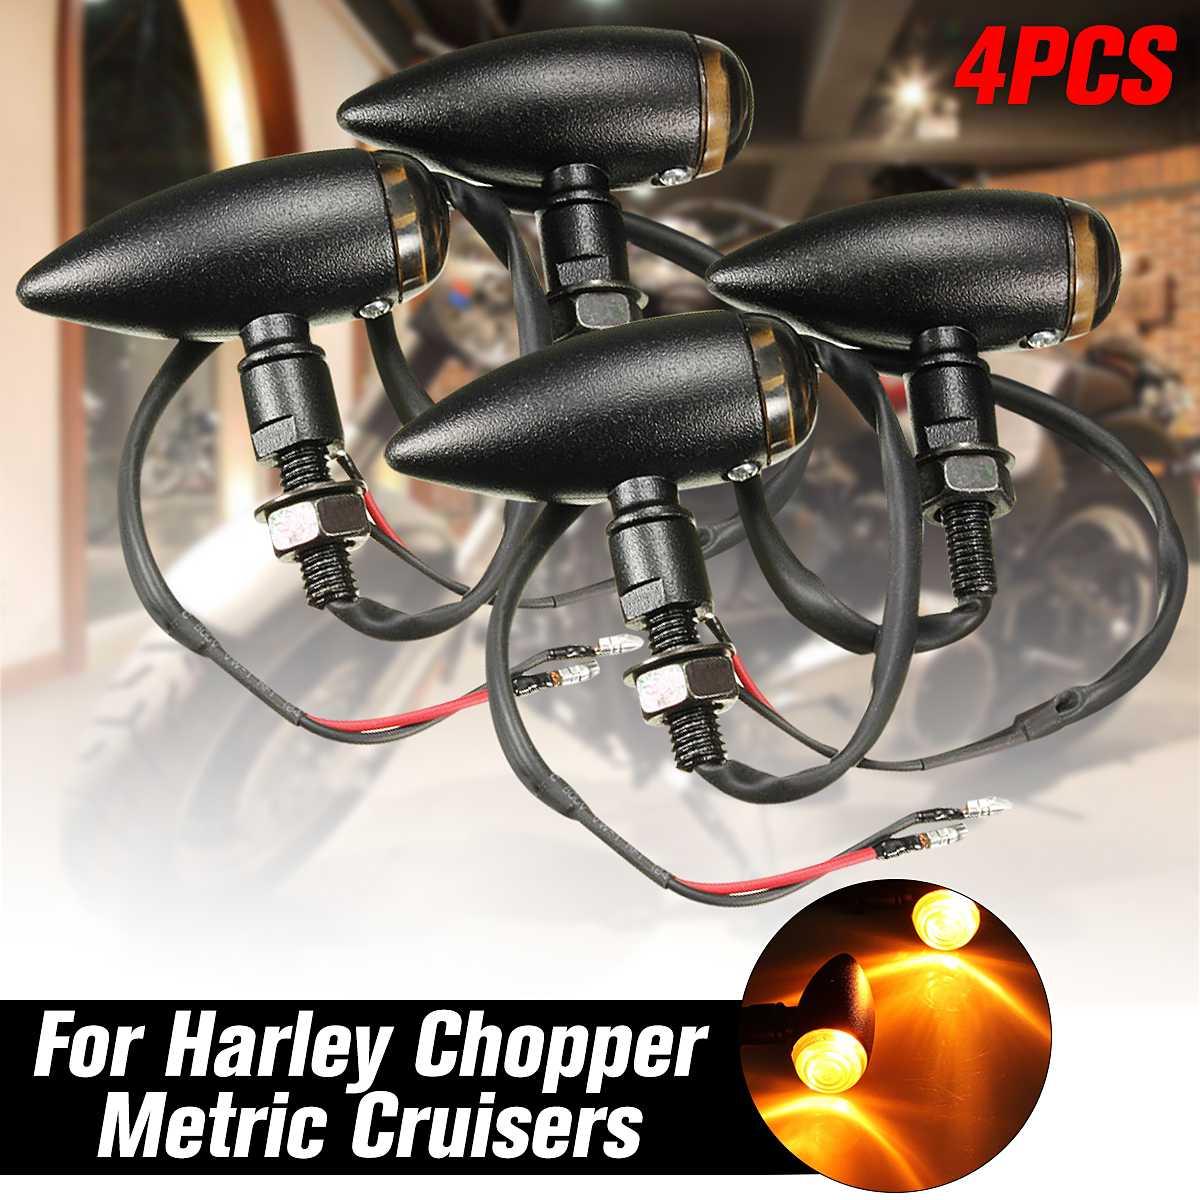 4pcs Universal Bullet Turn Signal Light Indicator Lamp Amber Motorcycle For Harley Sportster Bobber Mini Chopper